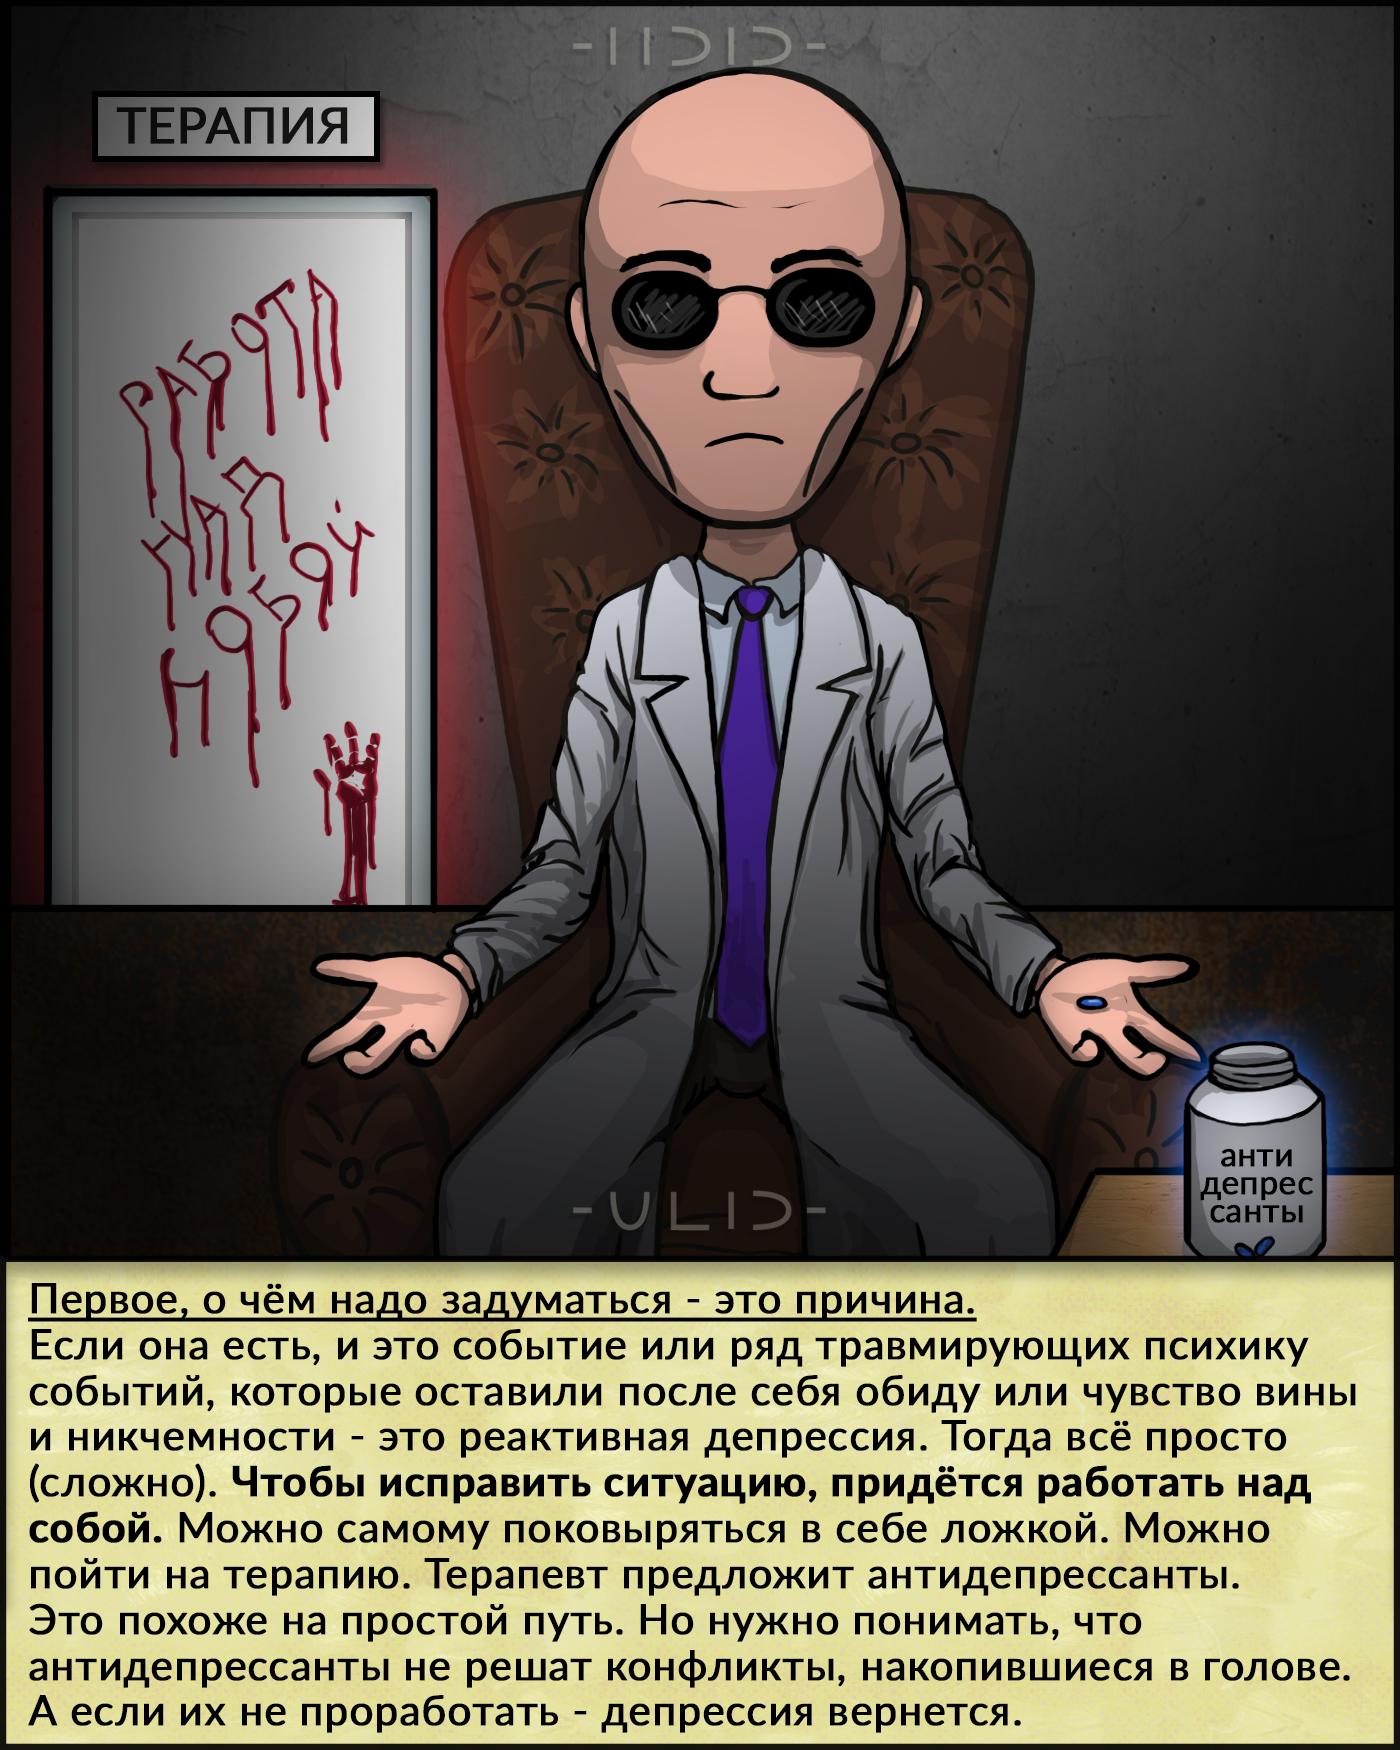 erotika-ot-depressii-fiksatsiya-golovi-i-minet